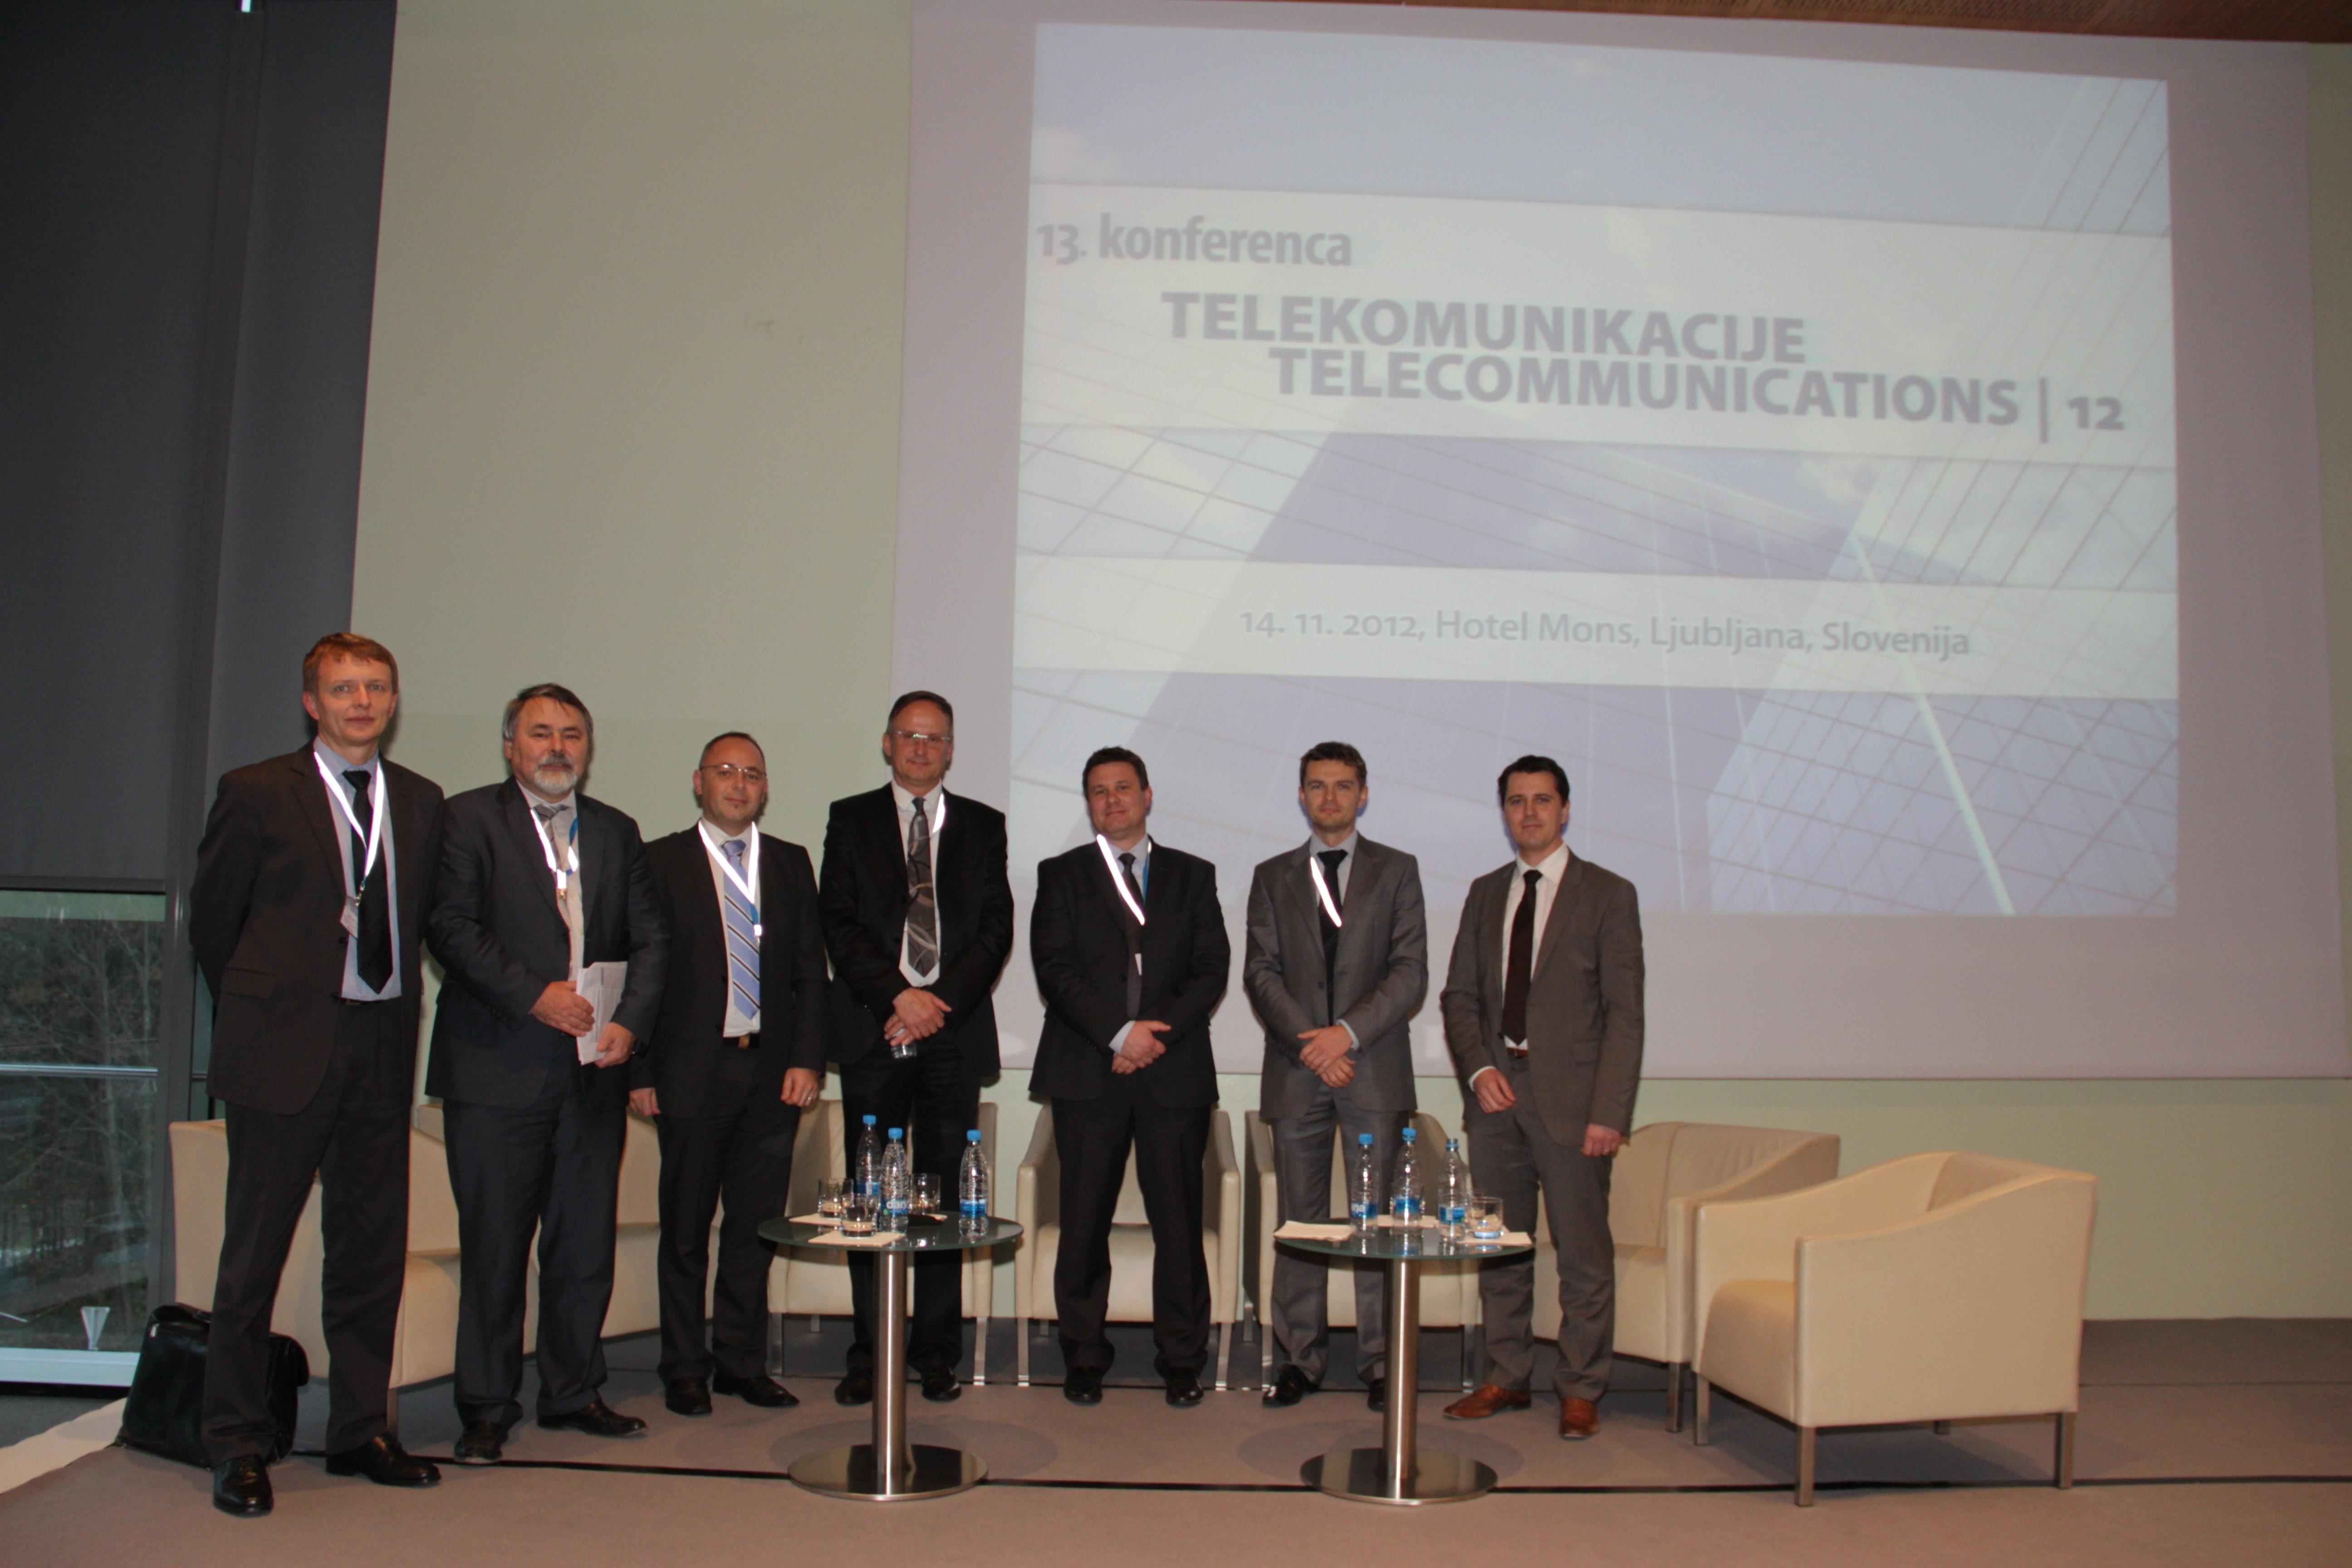 V Ljubljani je potekala že trinajsta konferenca Telekomunikacije 2012